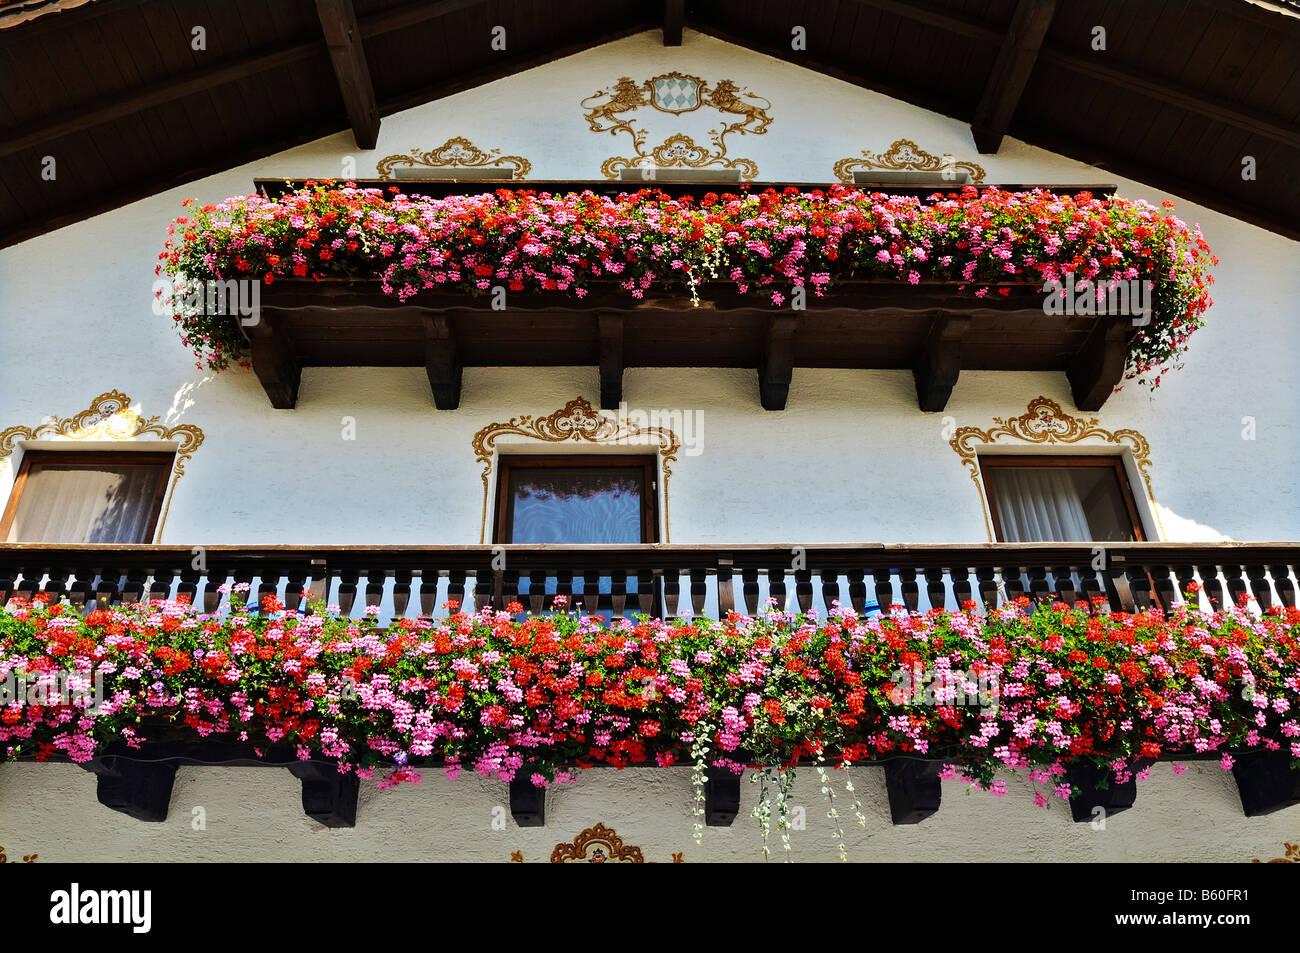 Casa tradizionale con balconi adornati con un abbondanza di gerani (Pelargonium zonale) vicino a Monaco di Baviera Immagini Stock